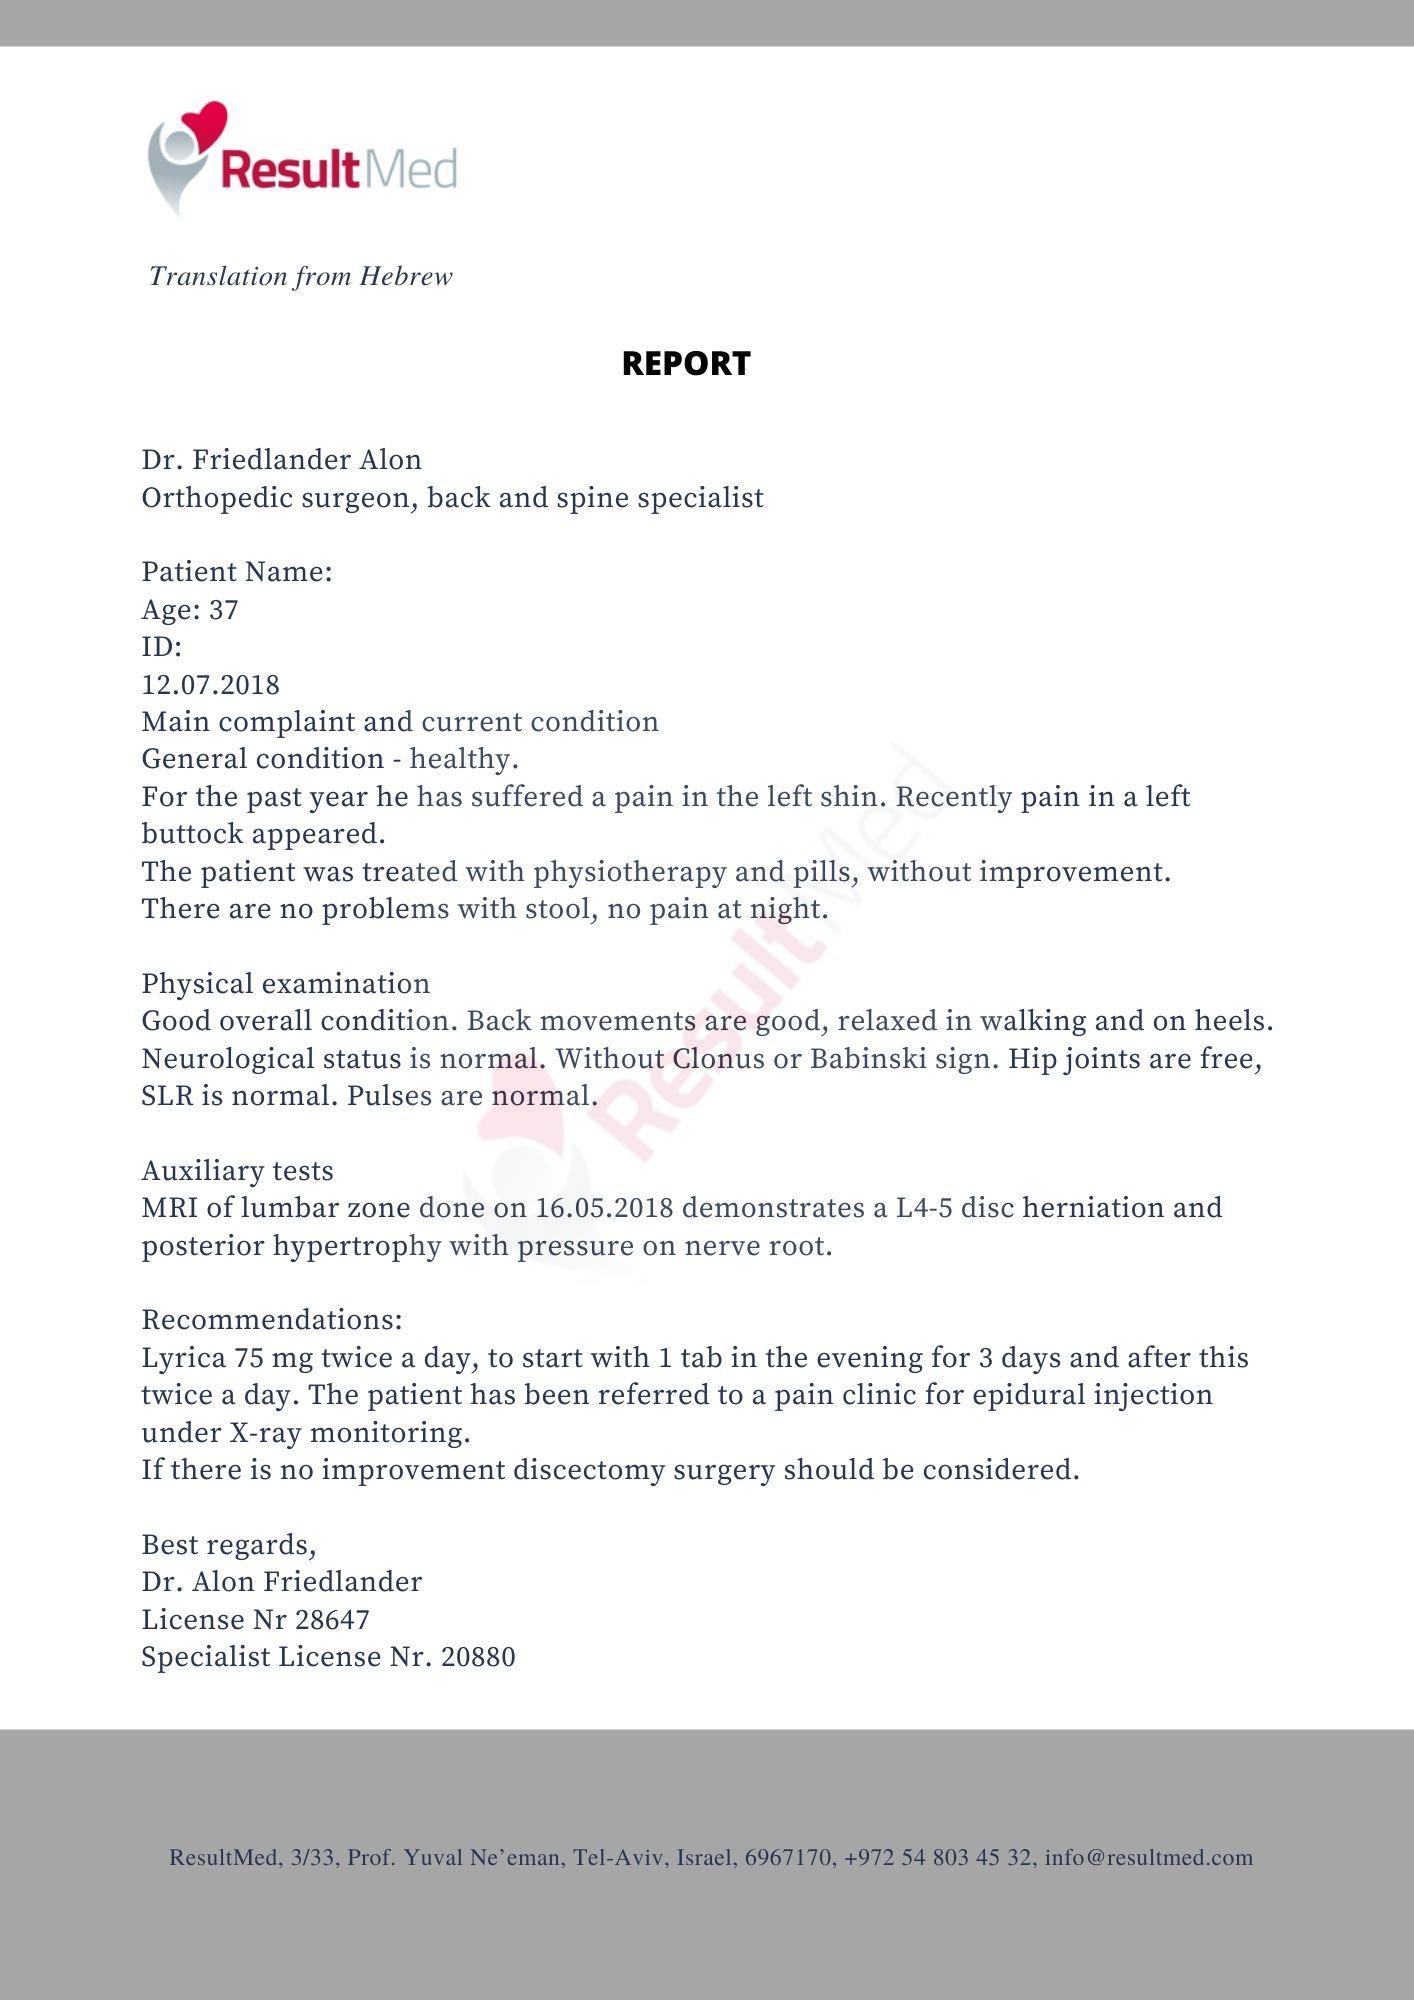 Report of leading Israeli orthopedist - prof. Fridlander